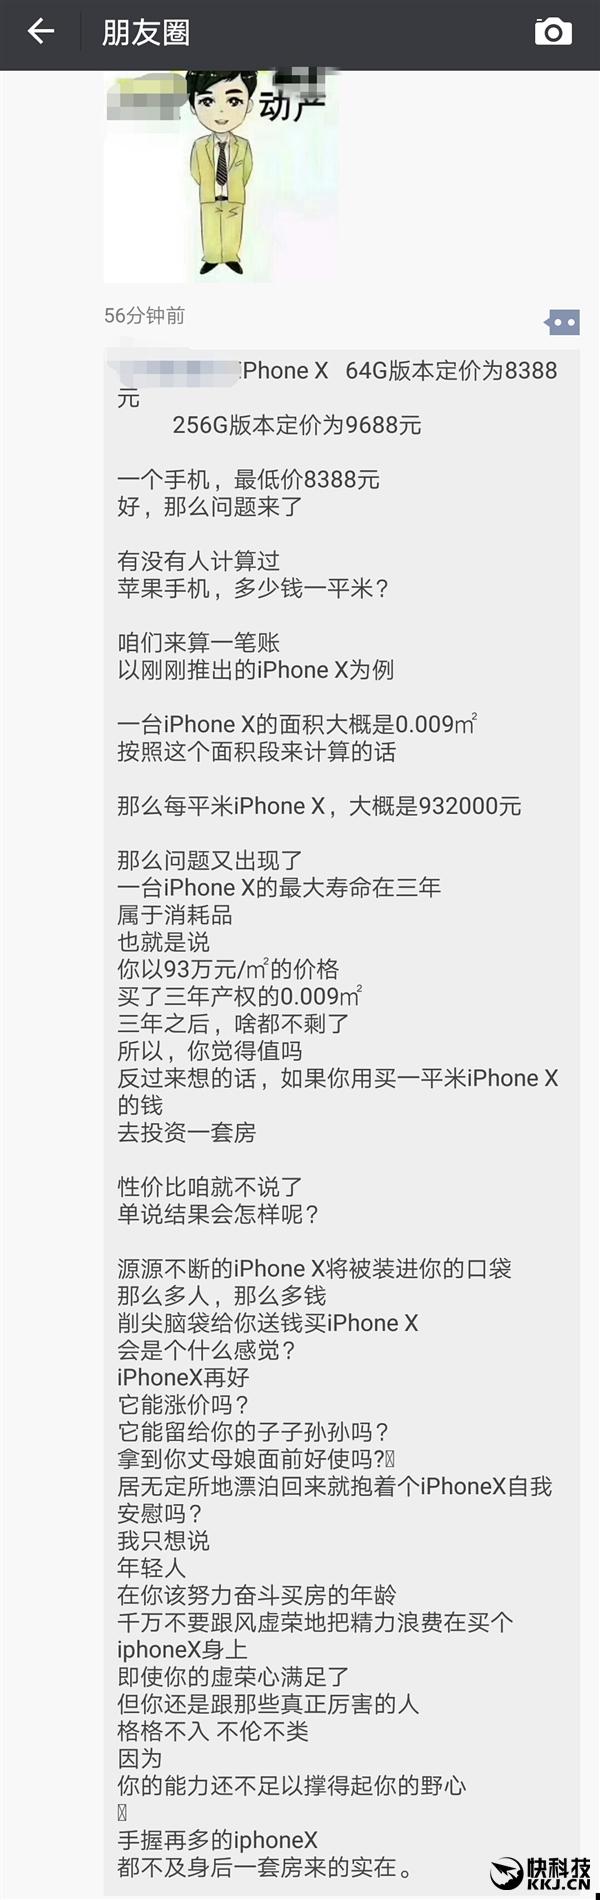 93万每平买进叁年产权 特价而沽楼圈即兴iPhone X最狠案牍